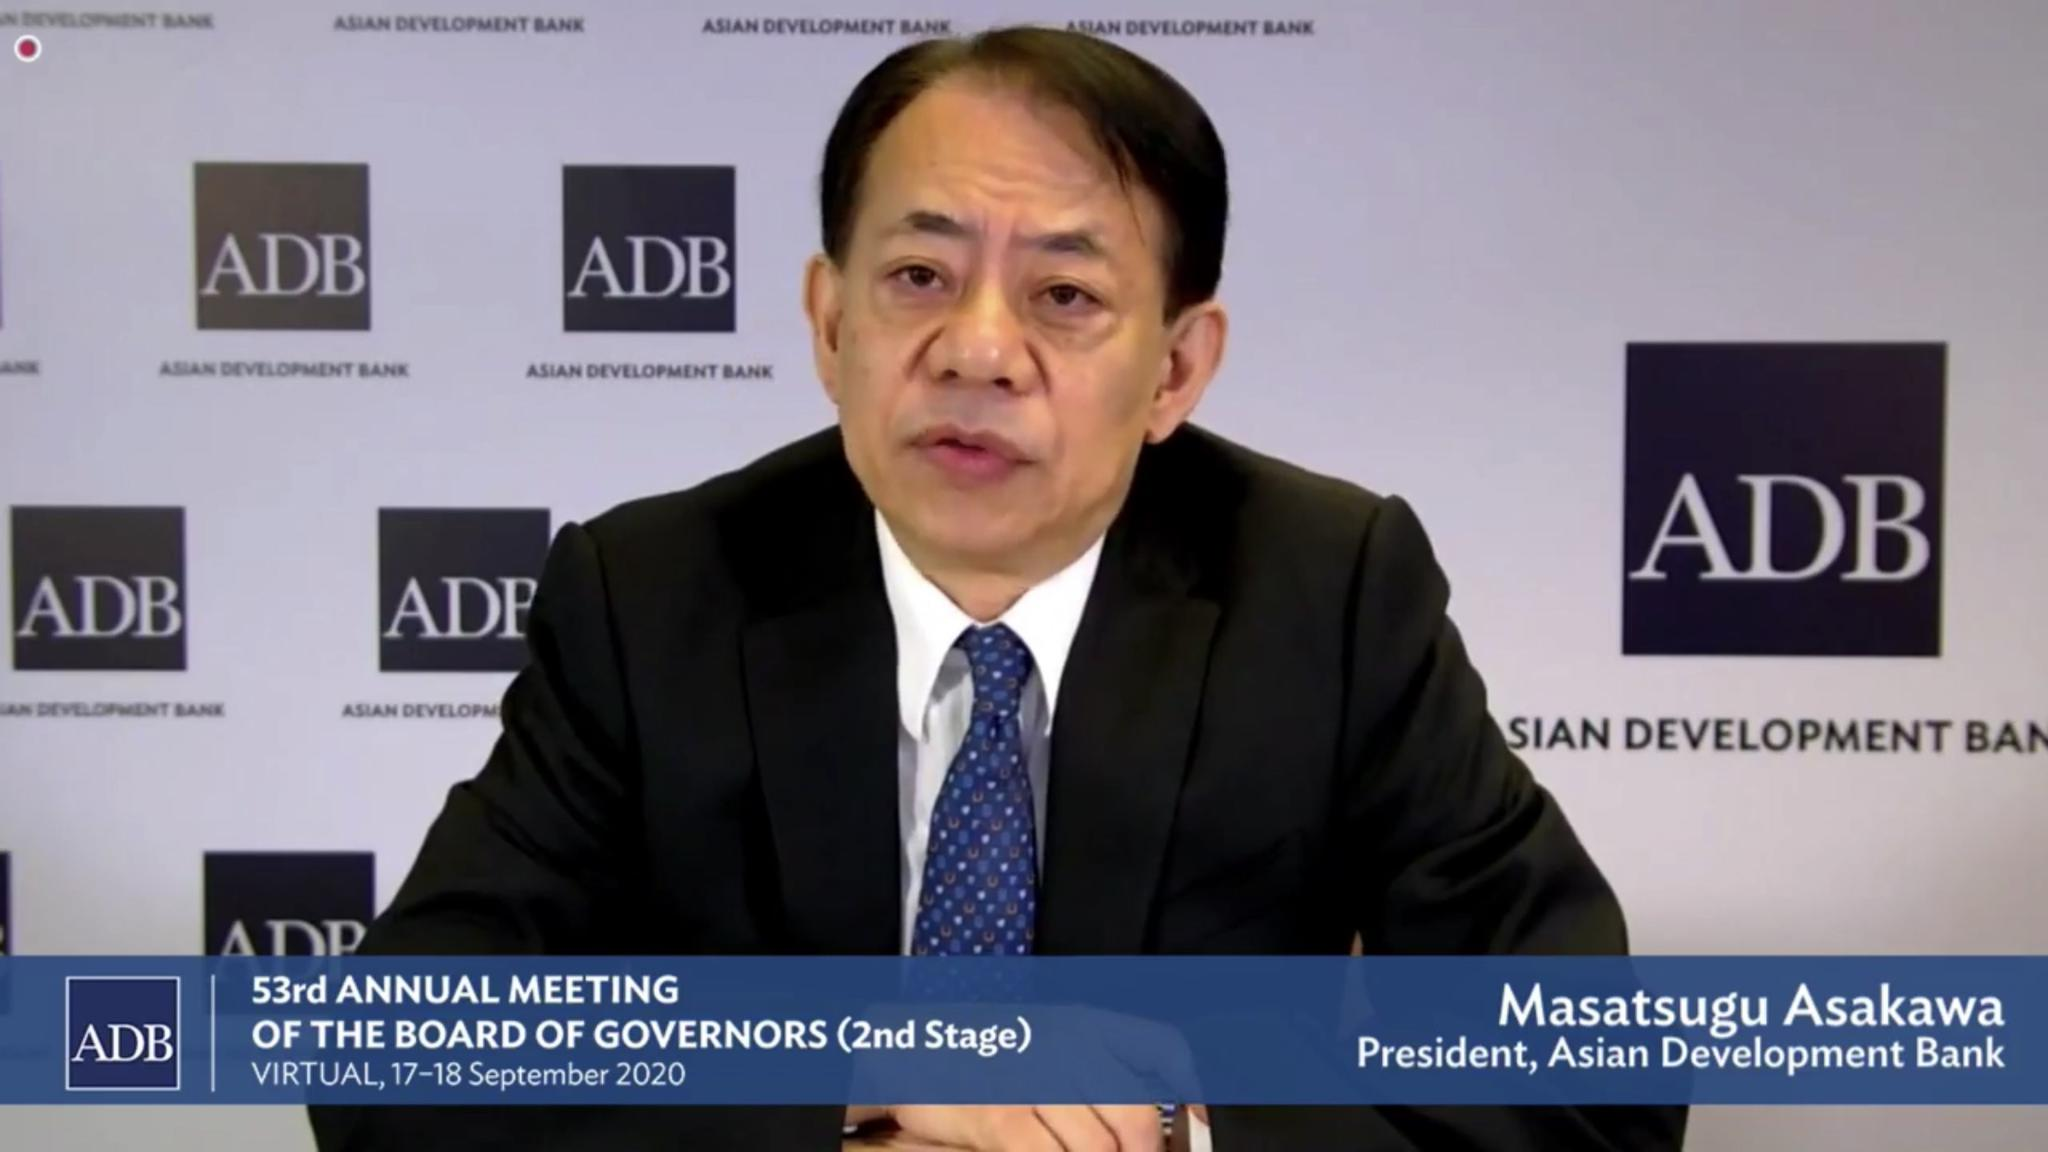 亚行誓与亚洲发展中经济体共抗疫情 促进经济复苏图片